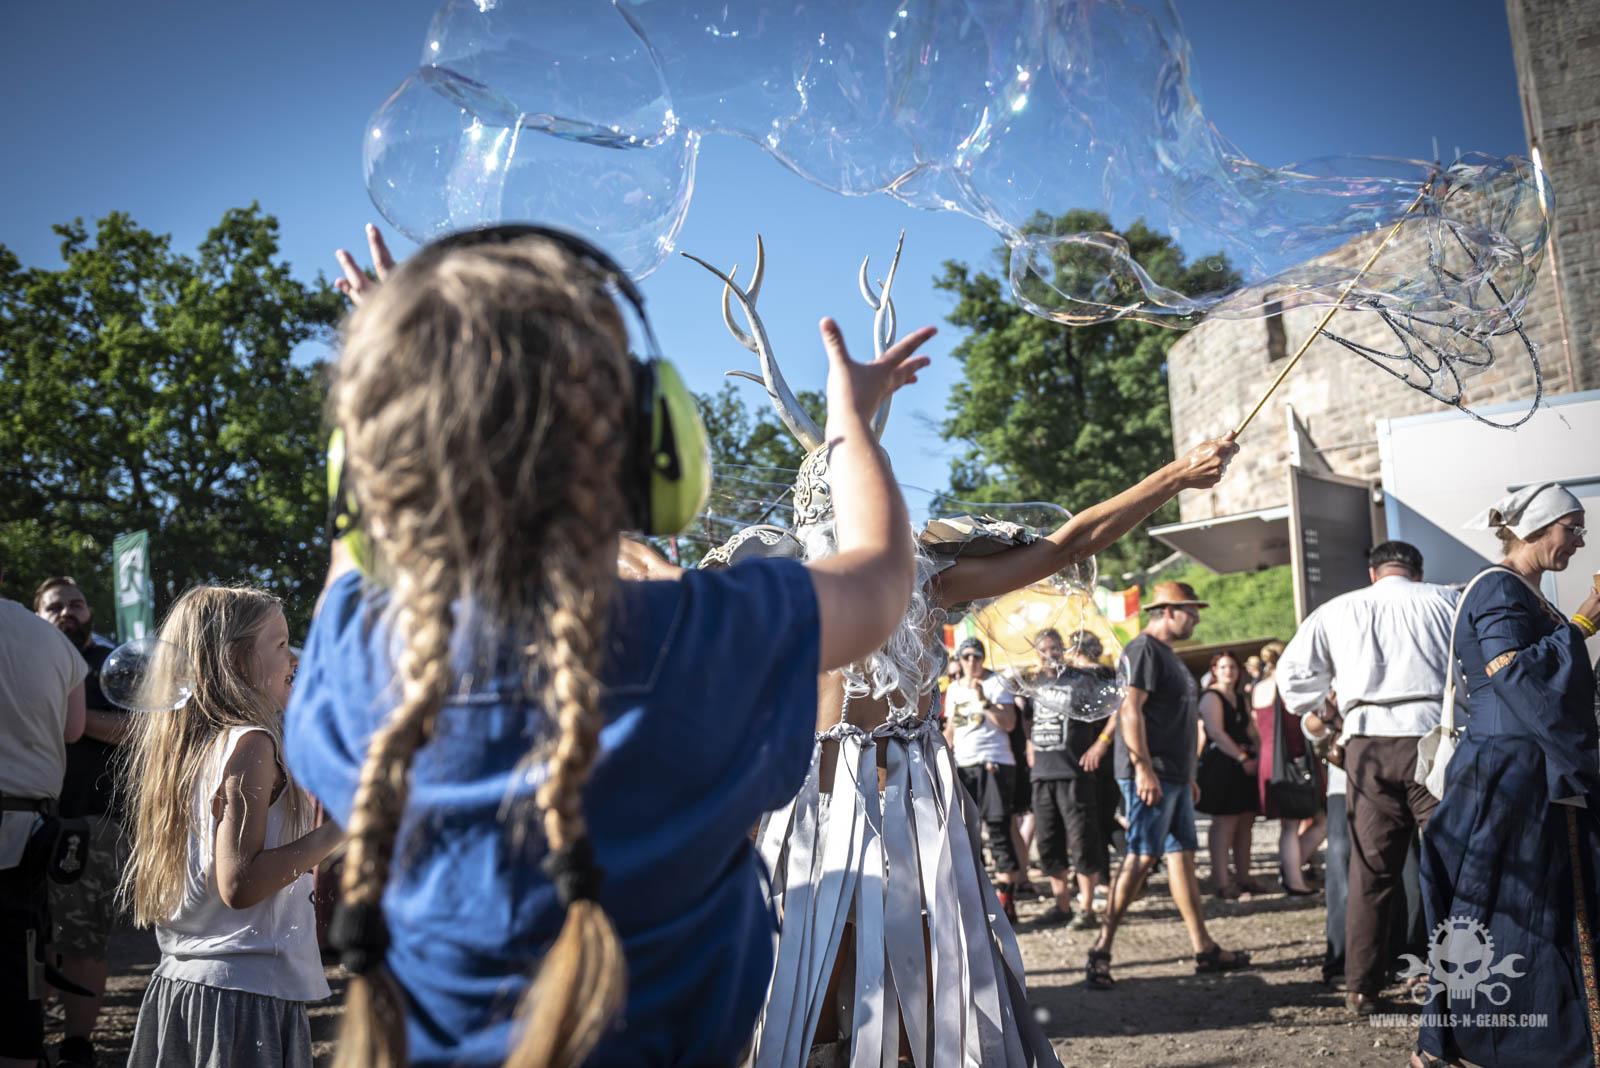 Feuertanz Festival 2019 - Seifenblasen-2